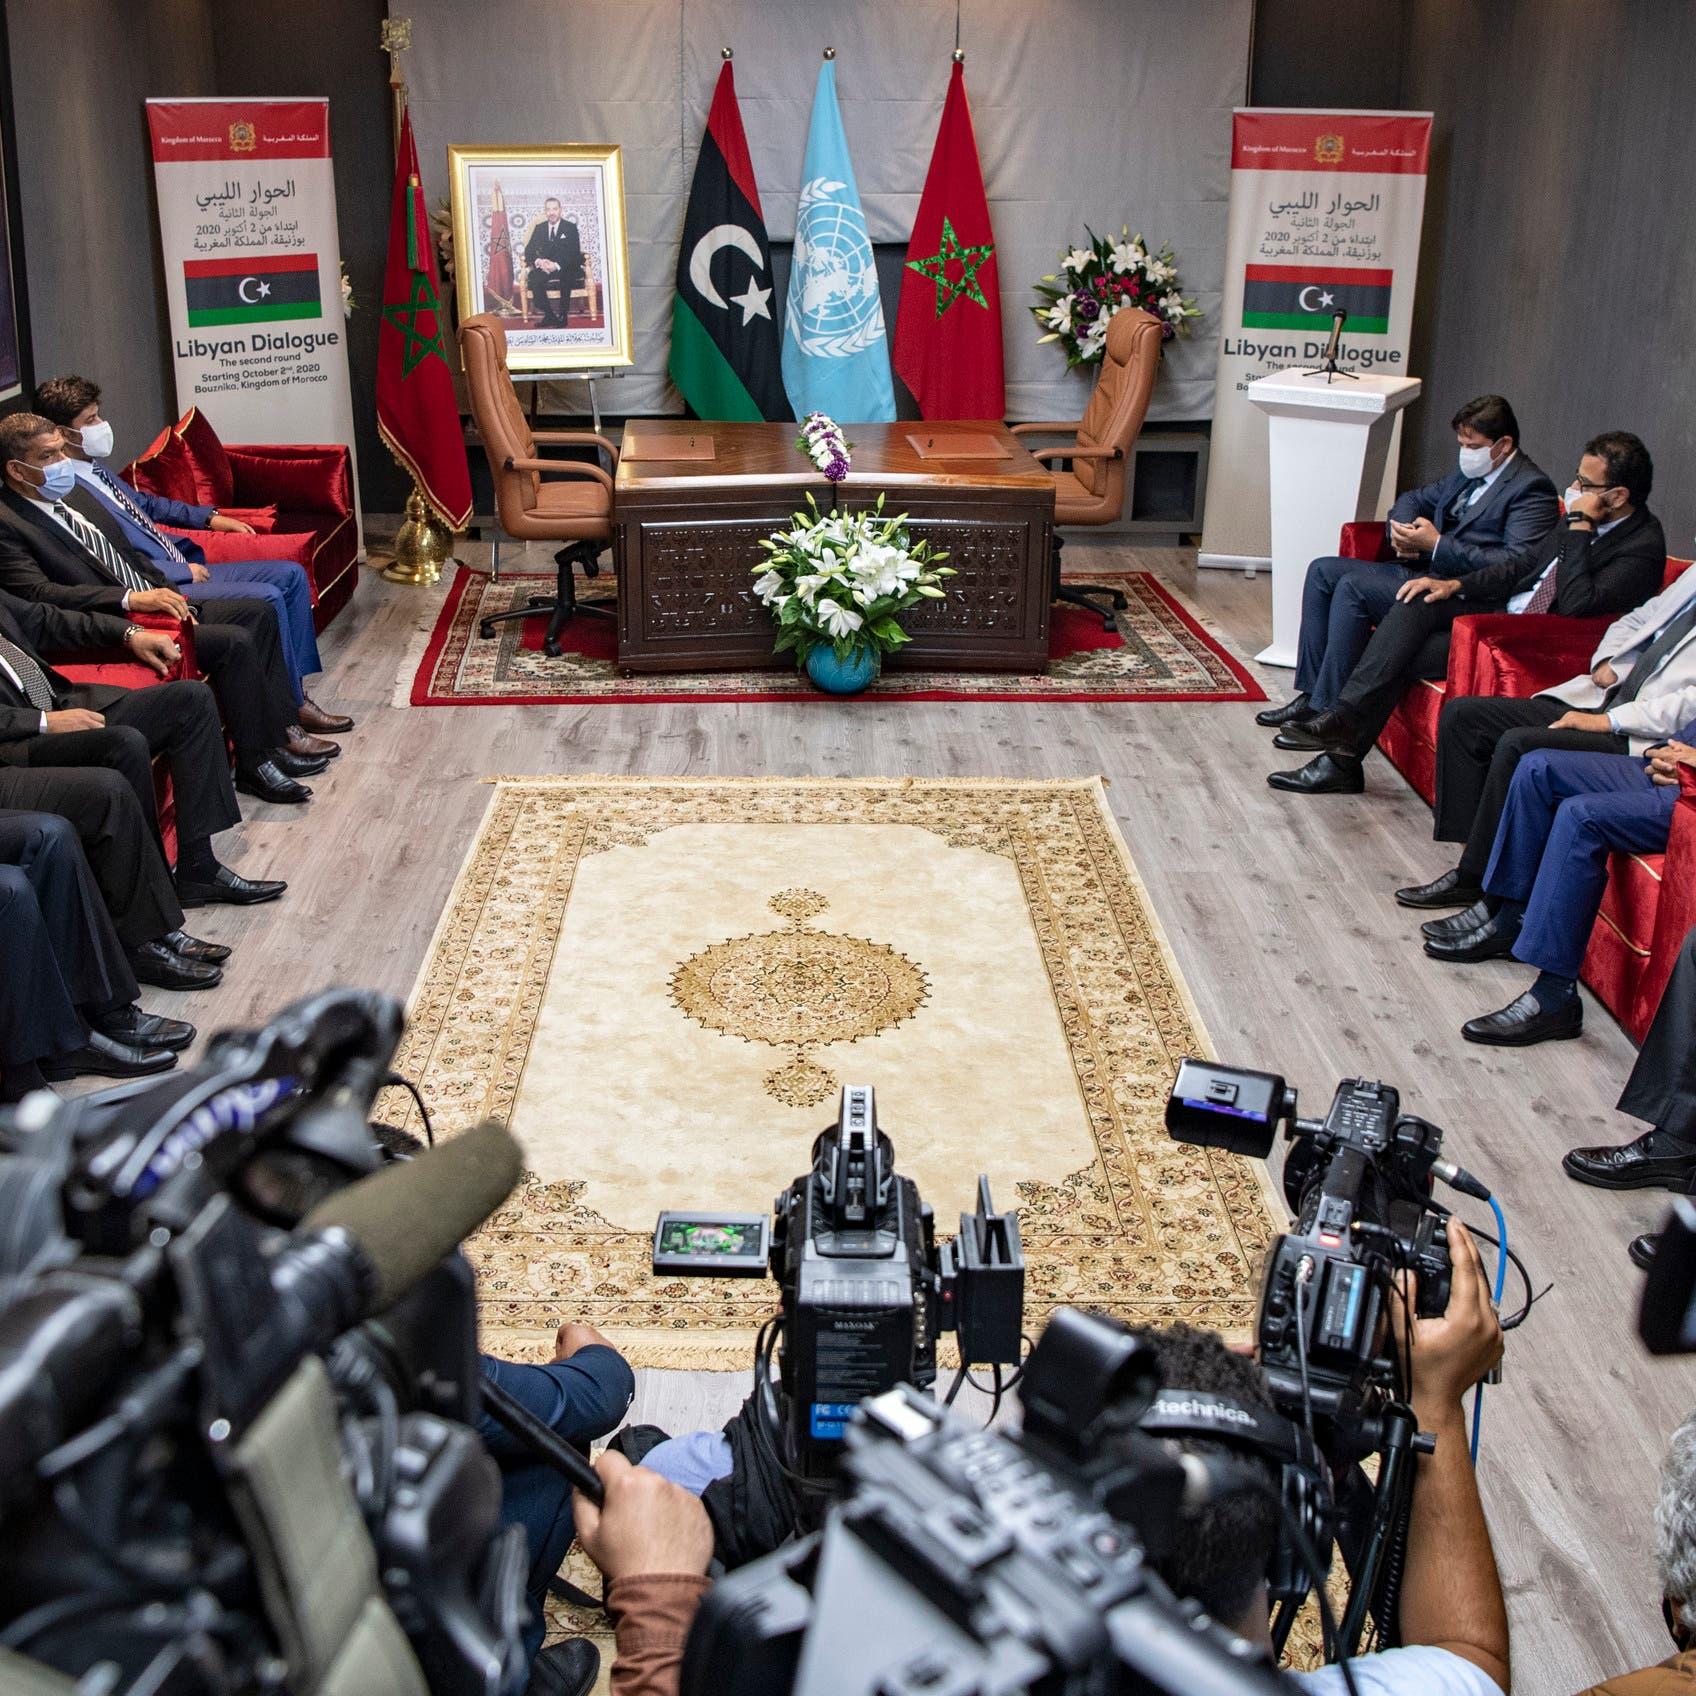 أتشهد ليبيا جلسة نيابية موحدة..أصداء إيجابية من المغرب